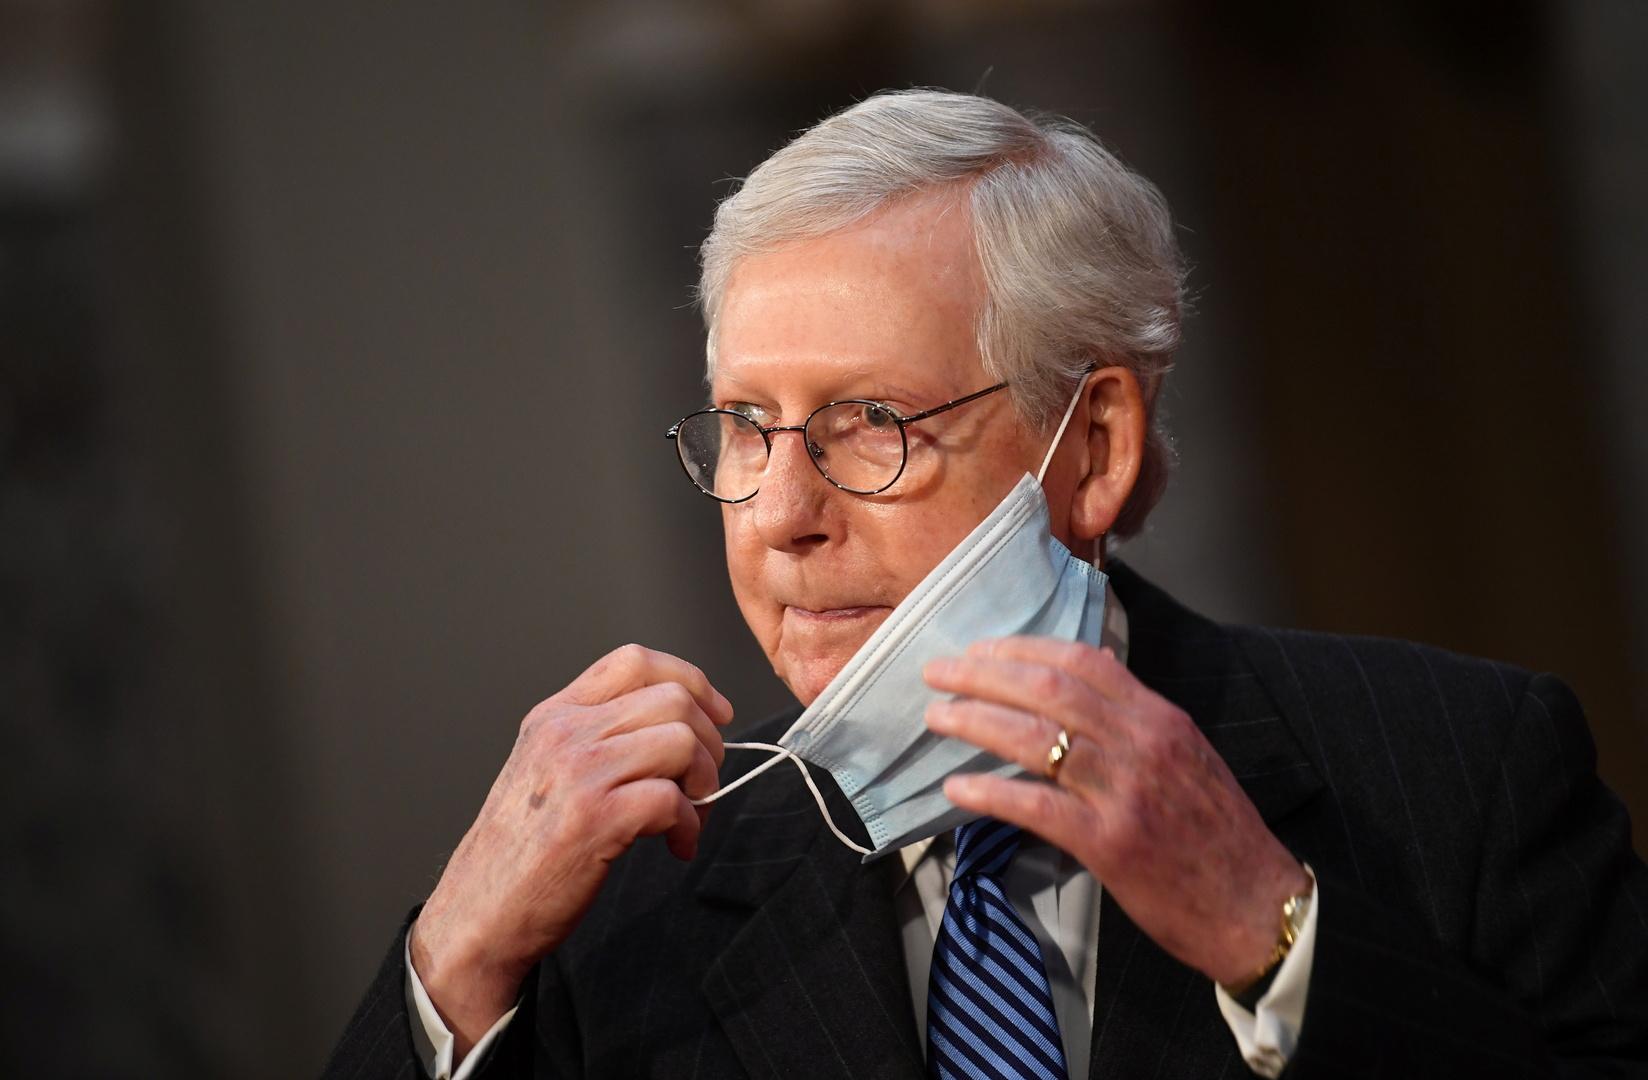 زعيم الجمهوريين في مجلس الشيوخ الأمريكي ميتش مكونيل